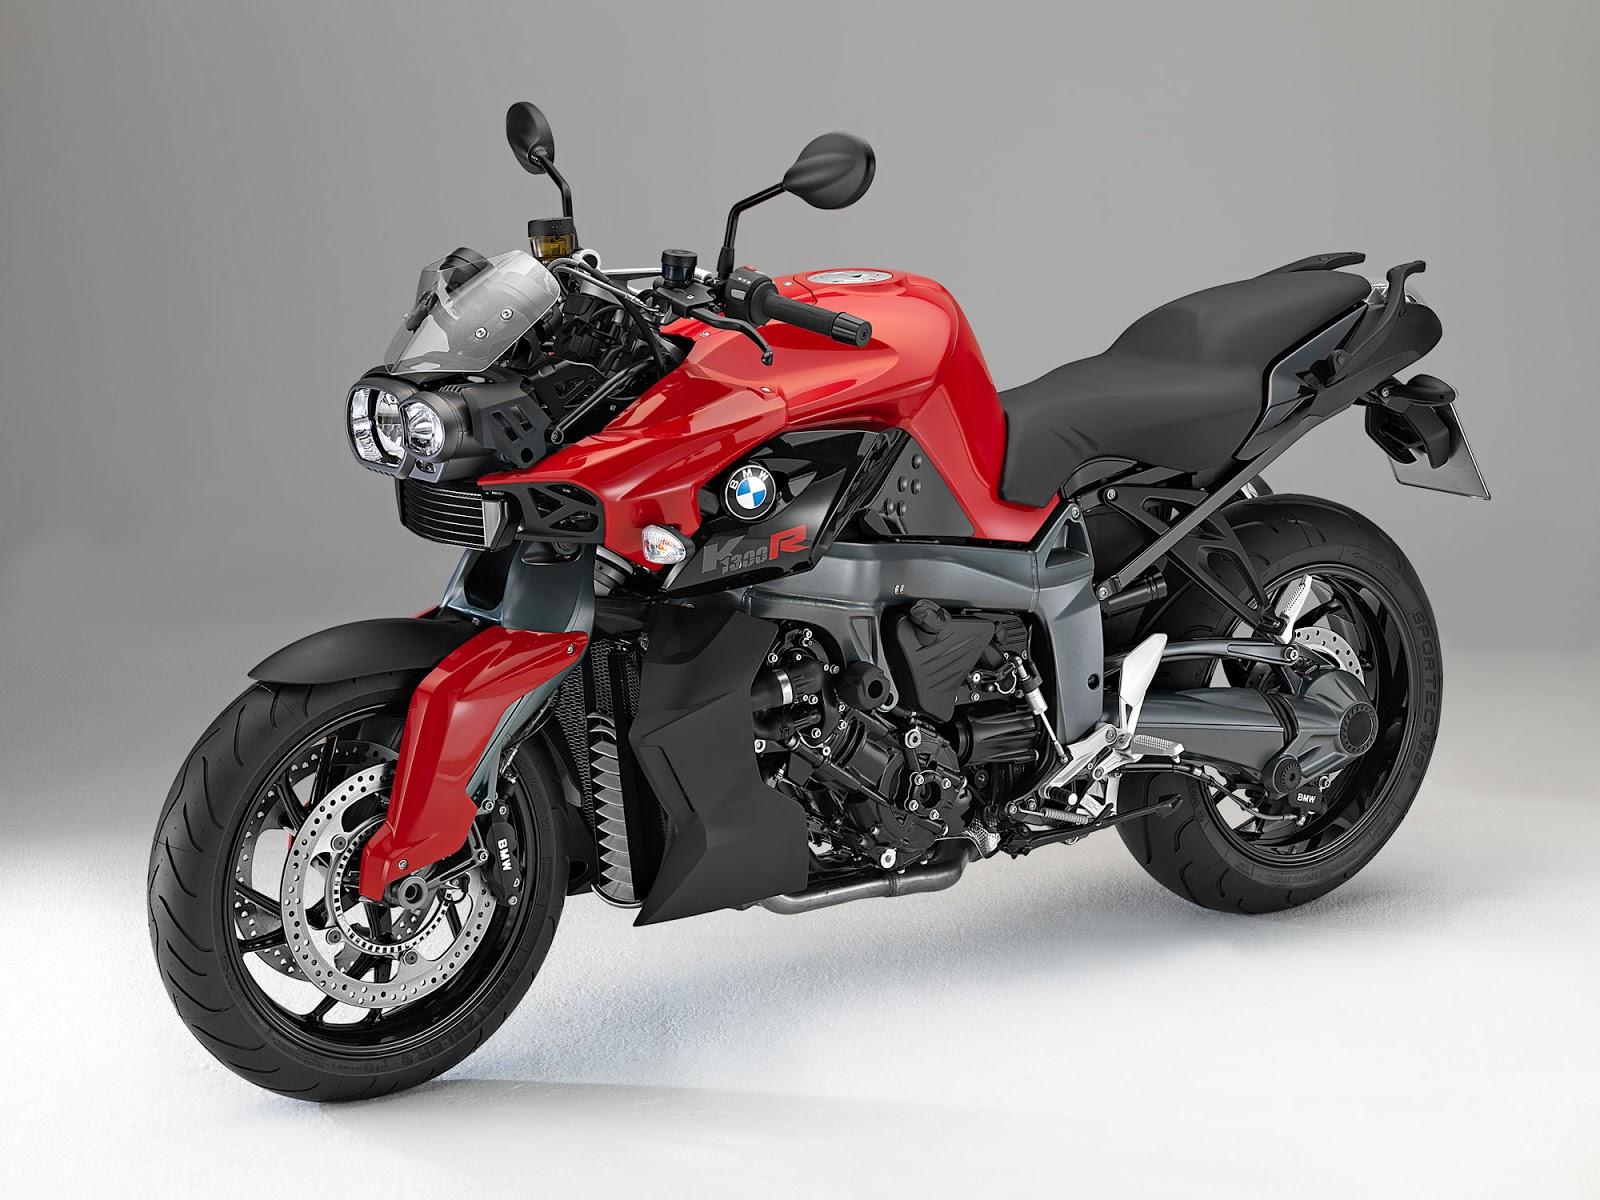 bmw k 1300 r motorcycle. Black Bedroom Furniture Sets. Home Design Ideas